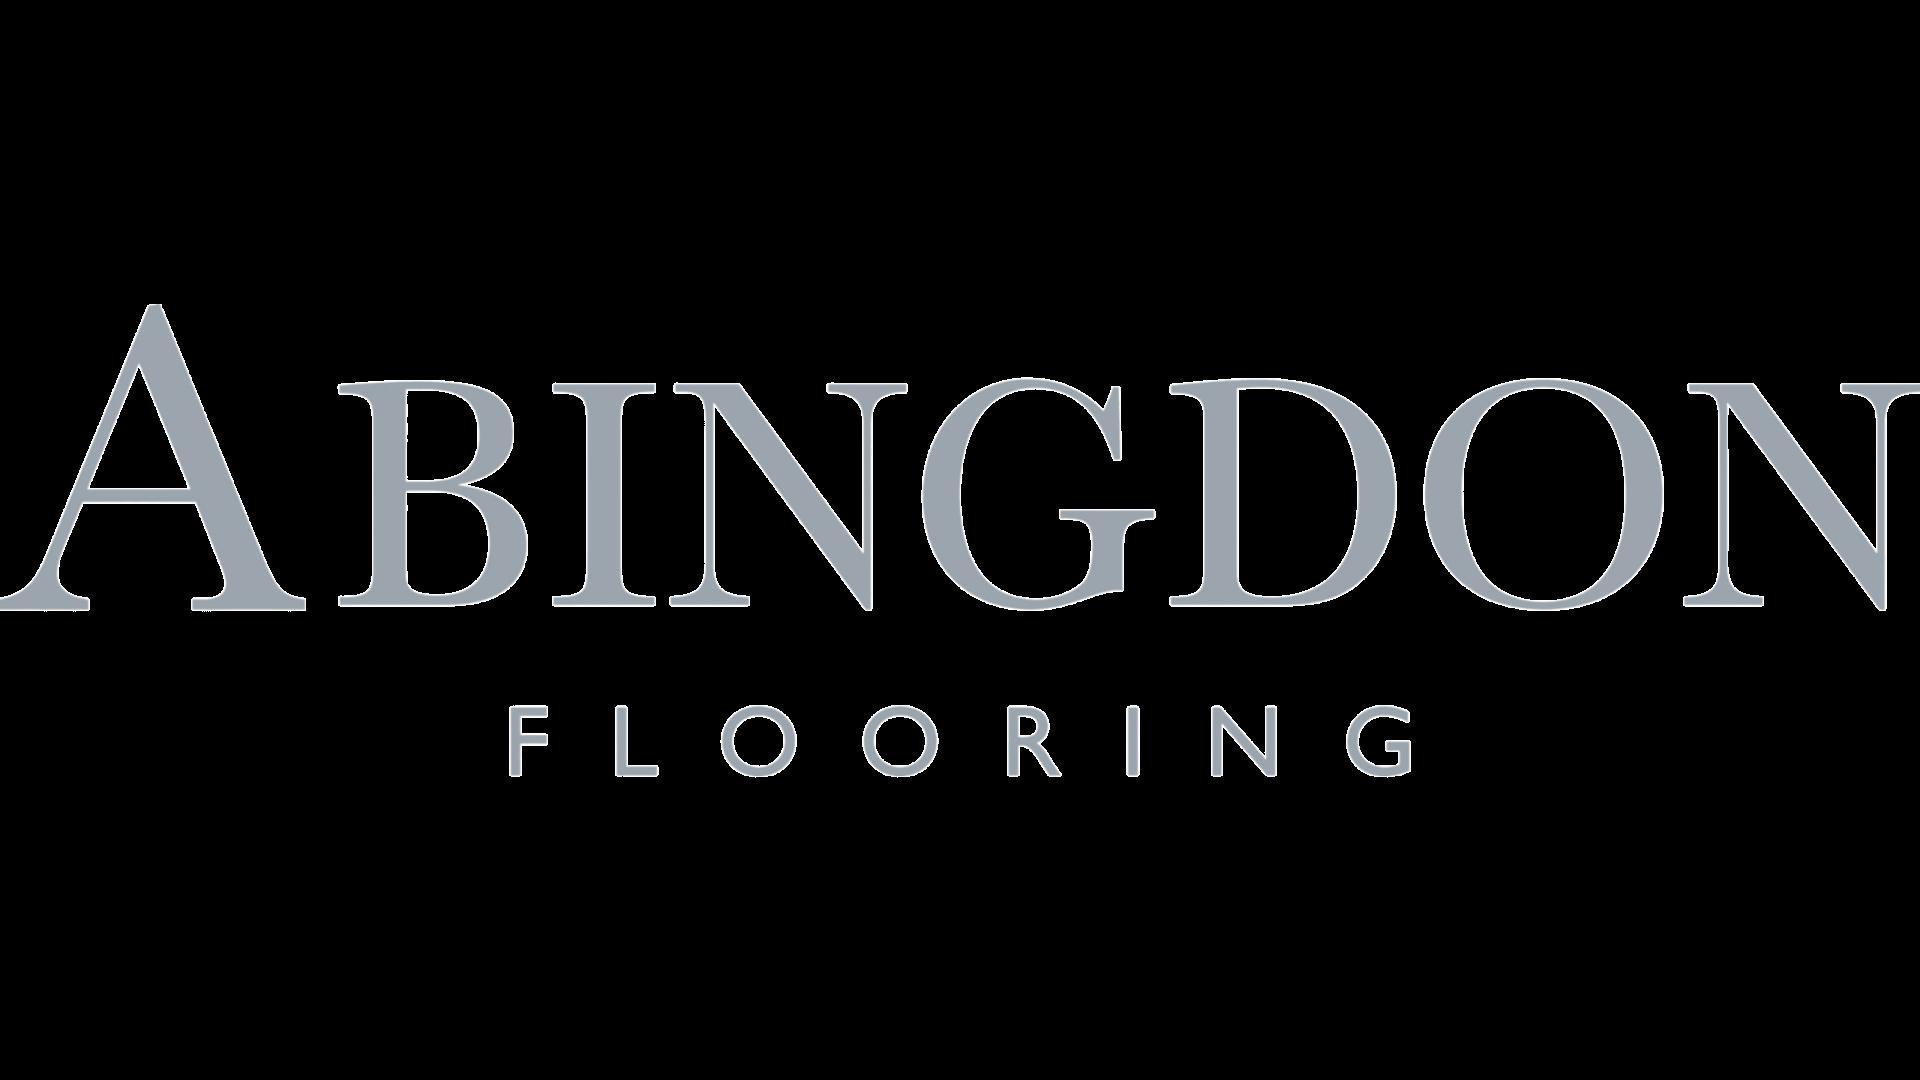 Abingdon Flooring | Inside Contracts